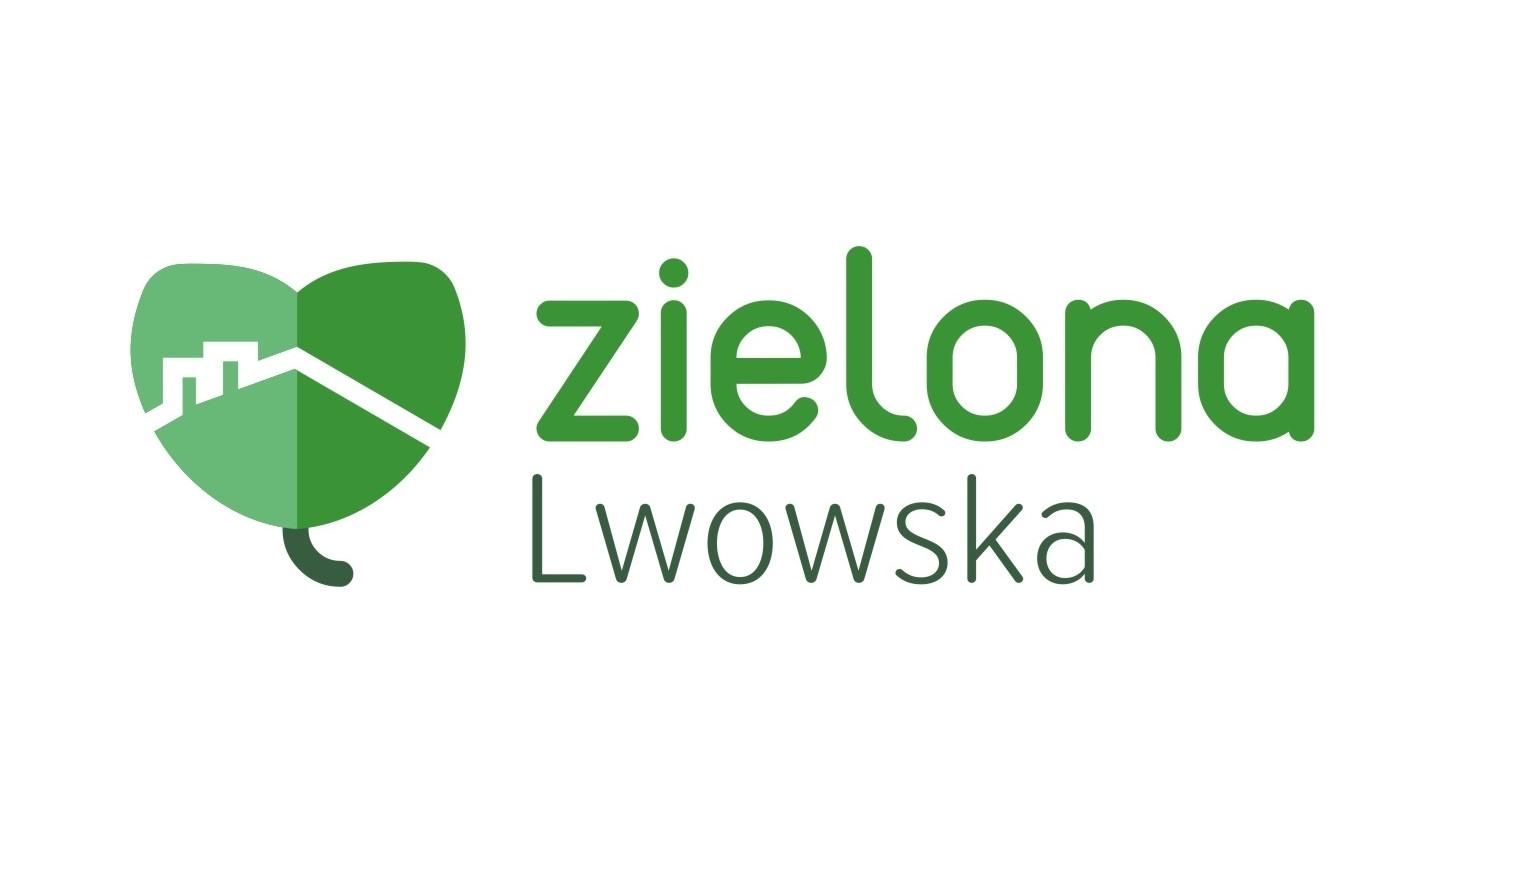 Zielona Lwowska